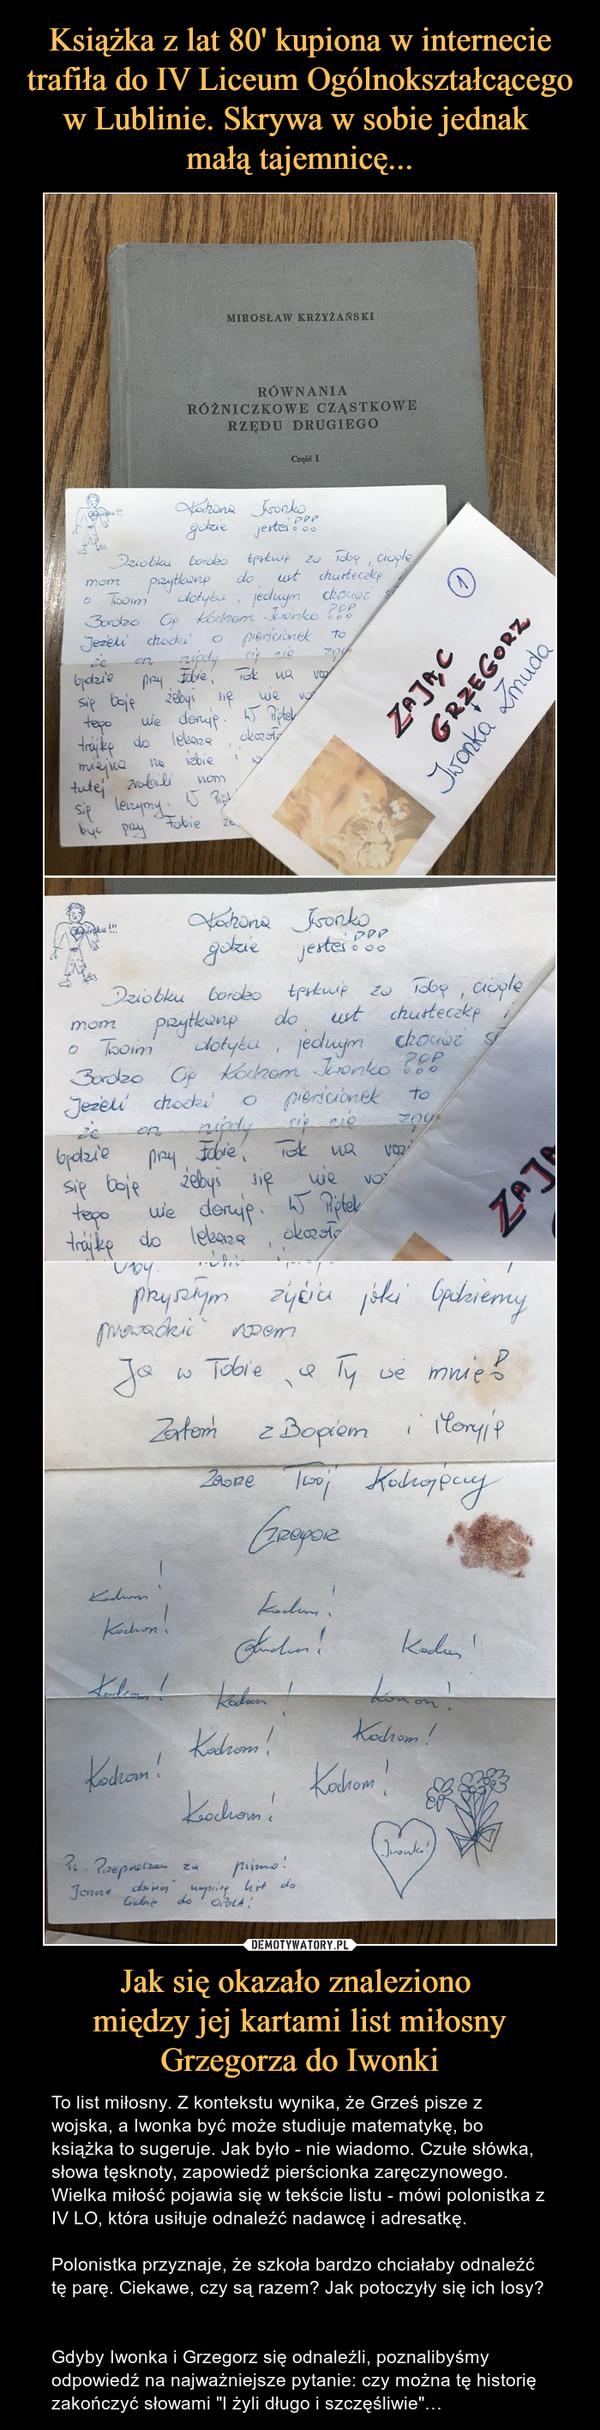 """Jak się okazało znaleziono między jej kartami list miłosny Grzegorza do Iwonki – To list miłosny. Z kontekstu wynika, że Grześ pisze z wojska, a Iwonka być może studiuje matematykę, bo książka to sugeruje. Jak było - nie wiadomo. Czułe słówka, słowa tęsknoty, zapowiedź pierścionka zaręczynowego. Wielka miłość pojawia się w tekście listu - mówi polonistka z IV LO, która usiłuje odnaleźć nadawcę i adresatkę.Polonistka przyznaje, że szkoła bardzo chciałaby odnaleźć tę parę. Ciekawe, czy są razem? Jak potoczyły się ich losy? Gdyby Iwonka i Grzegorz się odnaleźli, poznalibyśmy odpowiedź na najważniejsze pytanie: czy można tę historię zakończyć słowami """"I żyli długo i szczęśliwie""""… Mirosław Krzyżański Równania różniczkowe cząstkowe rzędu drugiego część IKochana Iwonko!Gdzie jesteś? Dziobku bardzo tęsknię za tobą, ciągle mam przytknięta do ust chusteczkę o Twoim dotyku jednym chociaż . Bardzo Cię kocham Iwonko. Jeżeli chodzi o pierścionek to Zawsze twój kochający Grzegorz Zatem z Bogiem i Maryją Kocham! Zając Grzegorz Iwonka Żmuda"""